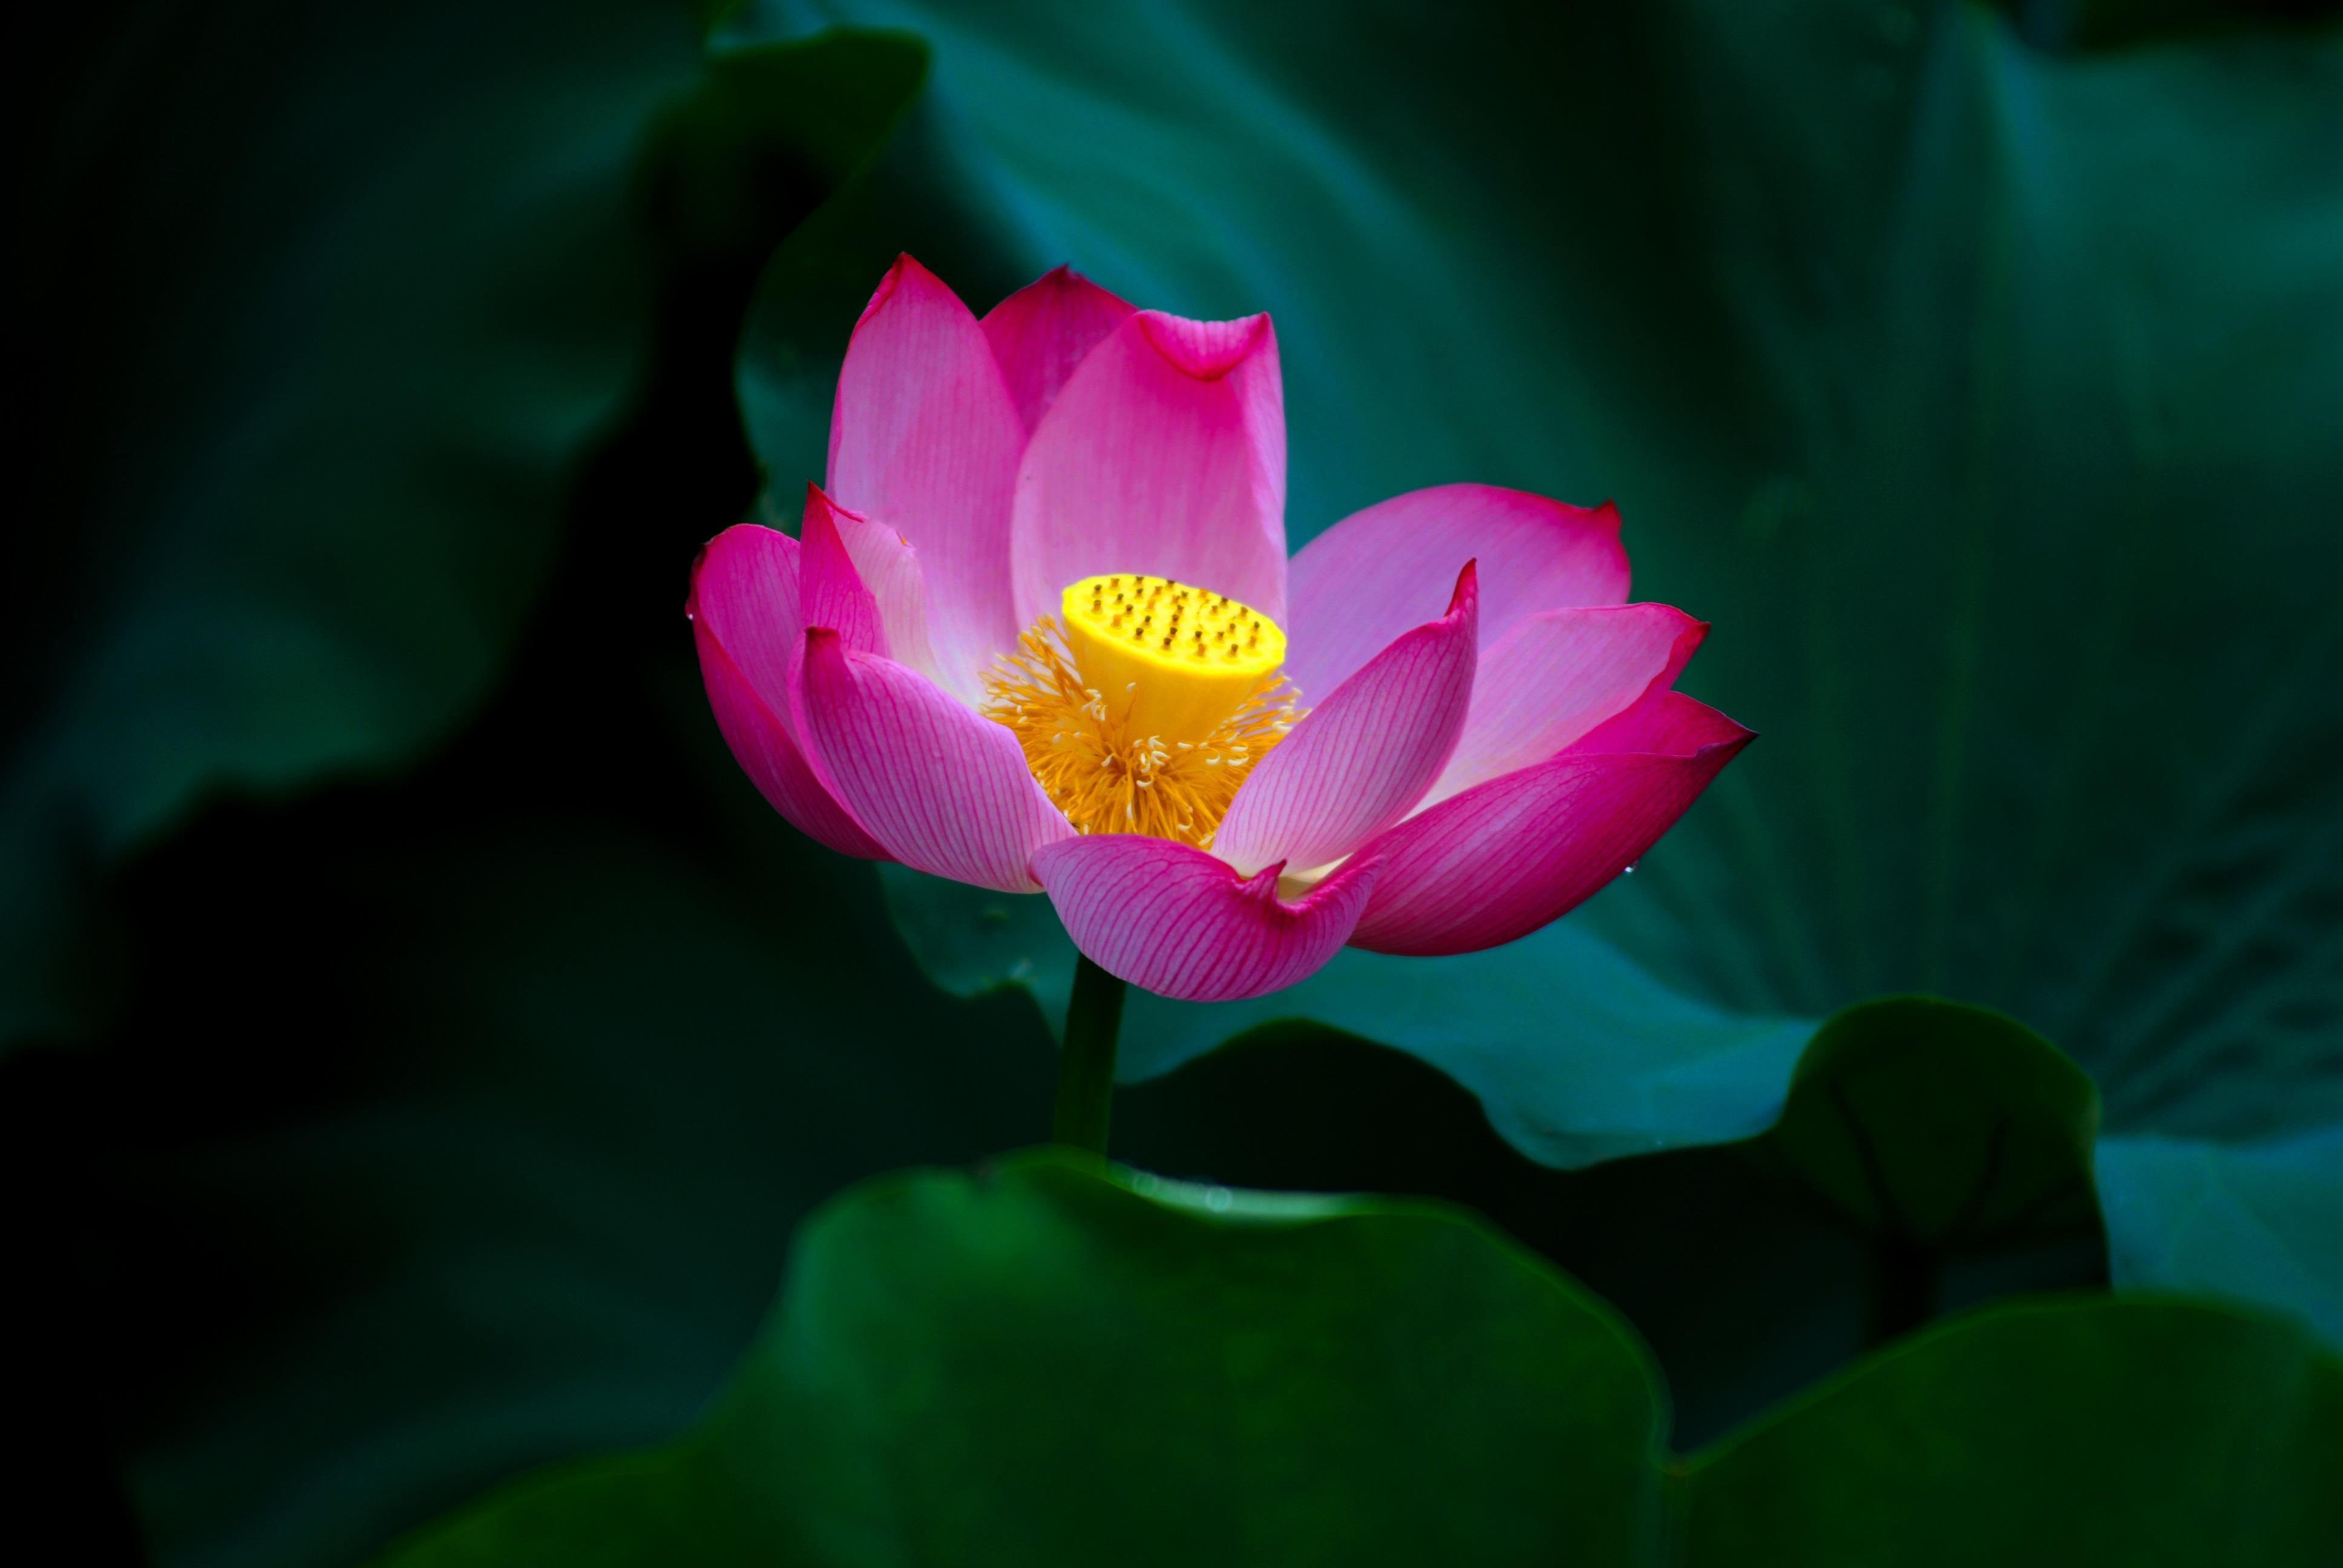 Hà Nội rực rỡ trong những sắc hoa mùa hè Ảnh 41